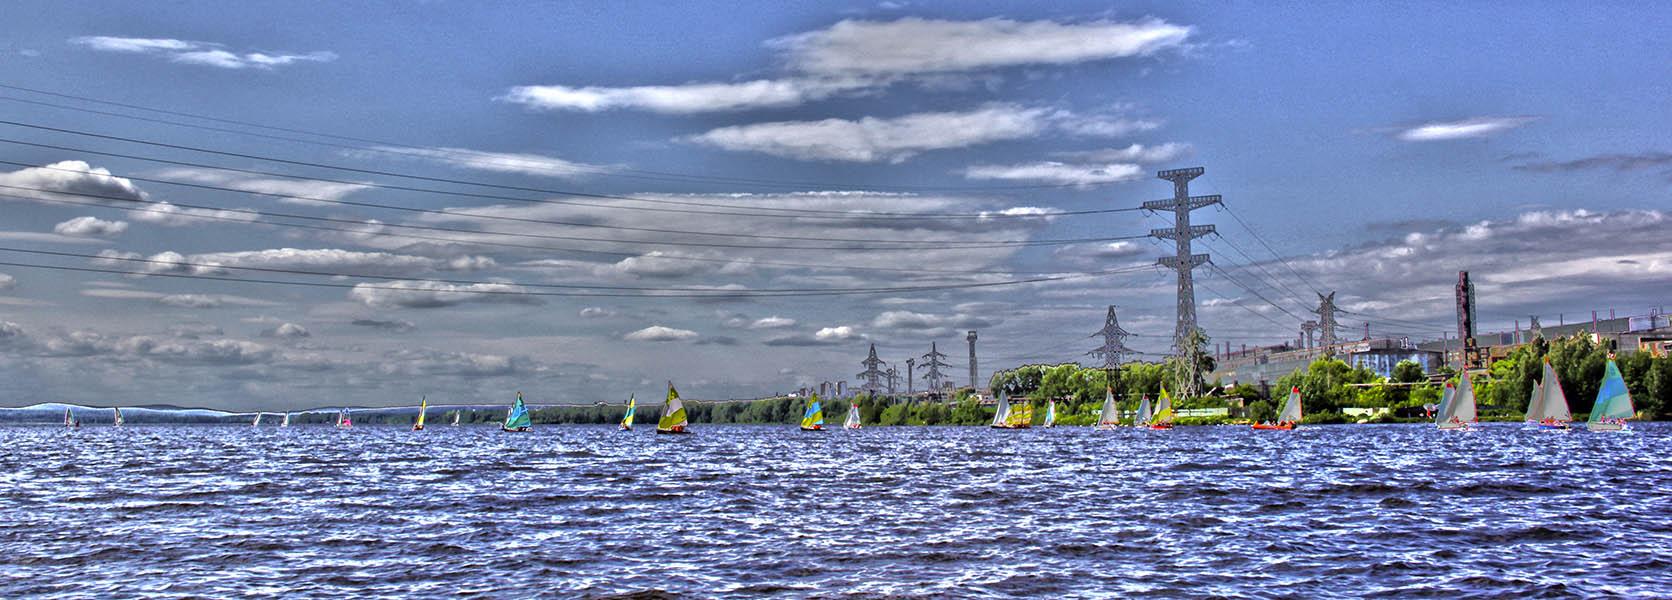 Больше 30 лодок ринулись в гонку на просторах Верх-Исетского водохранилища